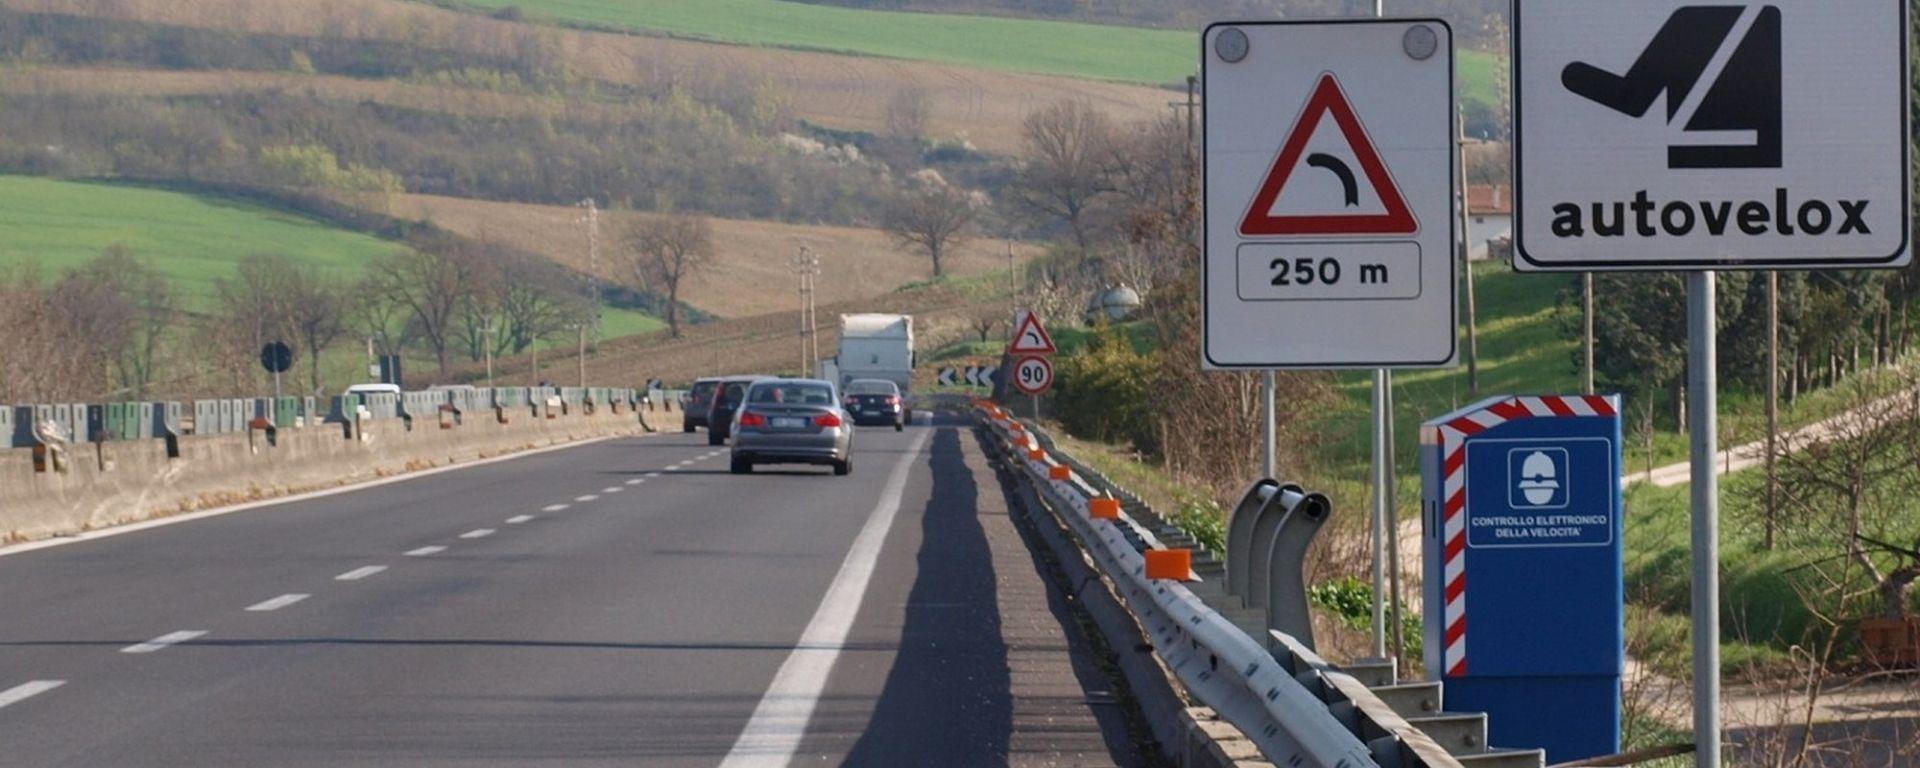 Multe stradali, niente sanzione aggiuntiva a chi omette i dati del conducente